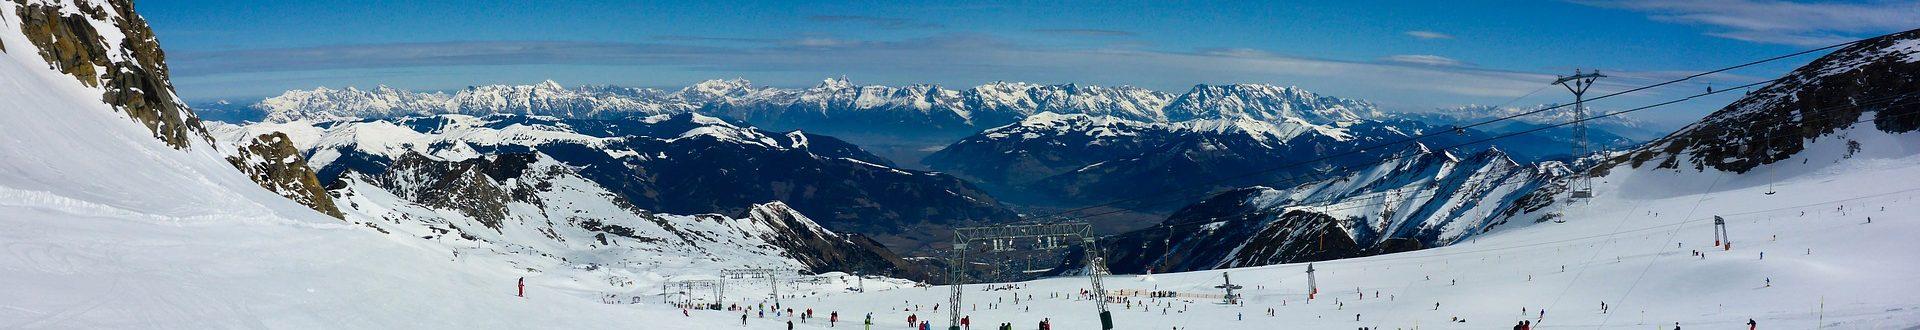 Wintersport groepsreizen met Veenstra Reizen